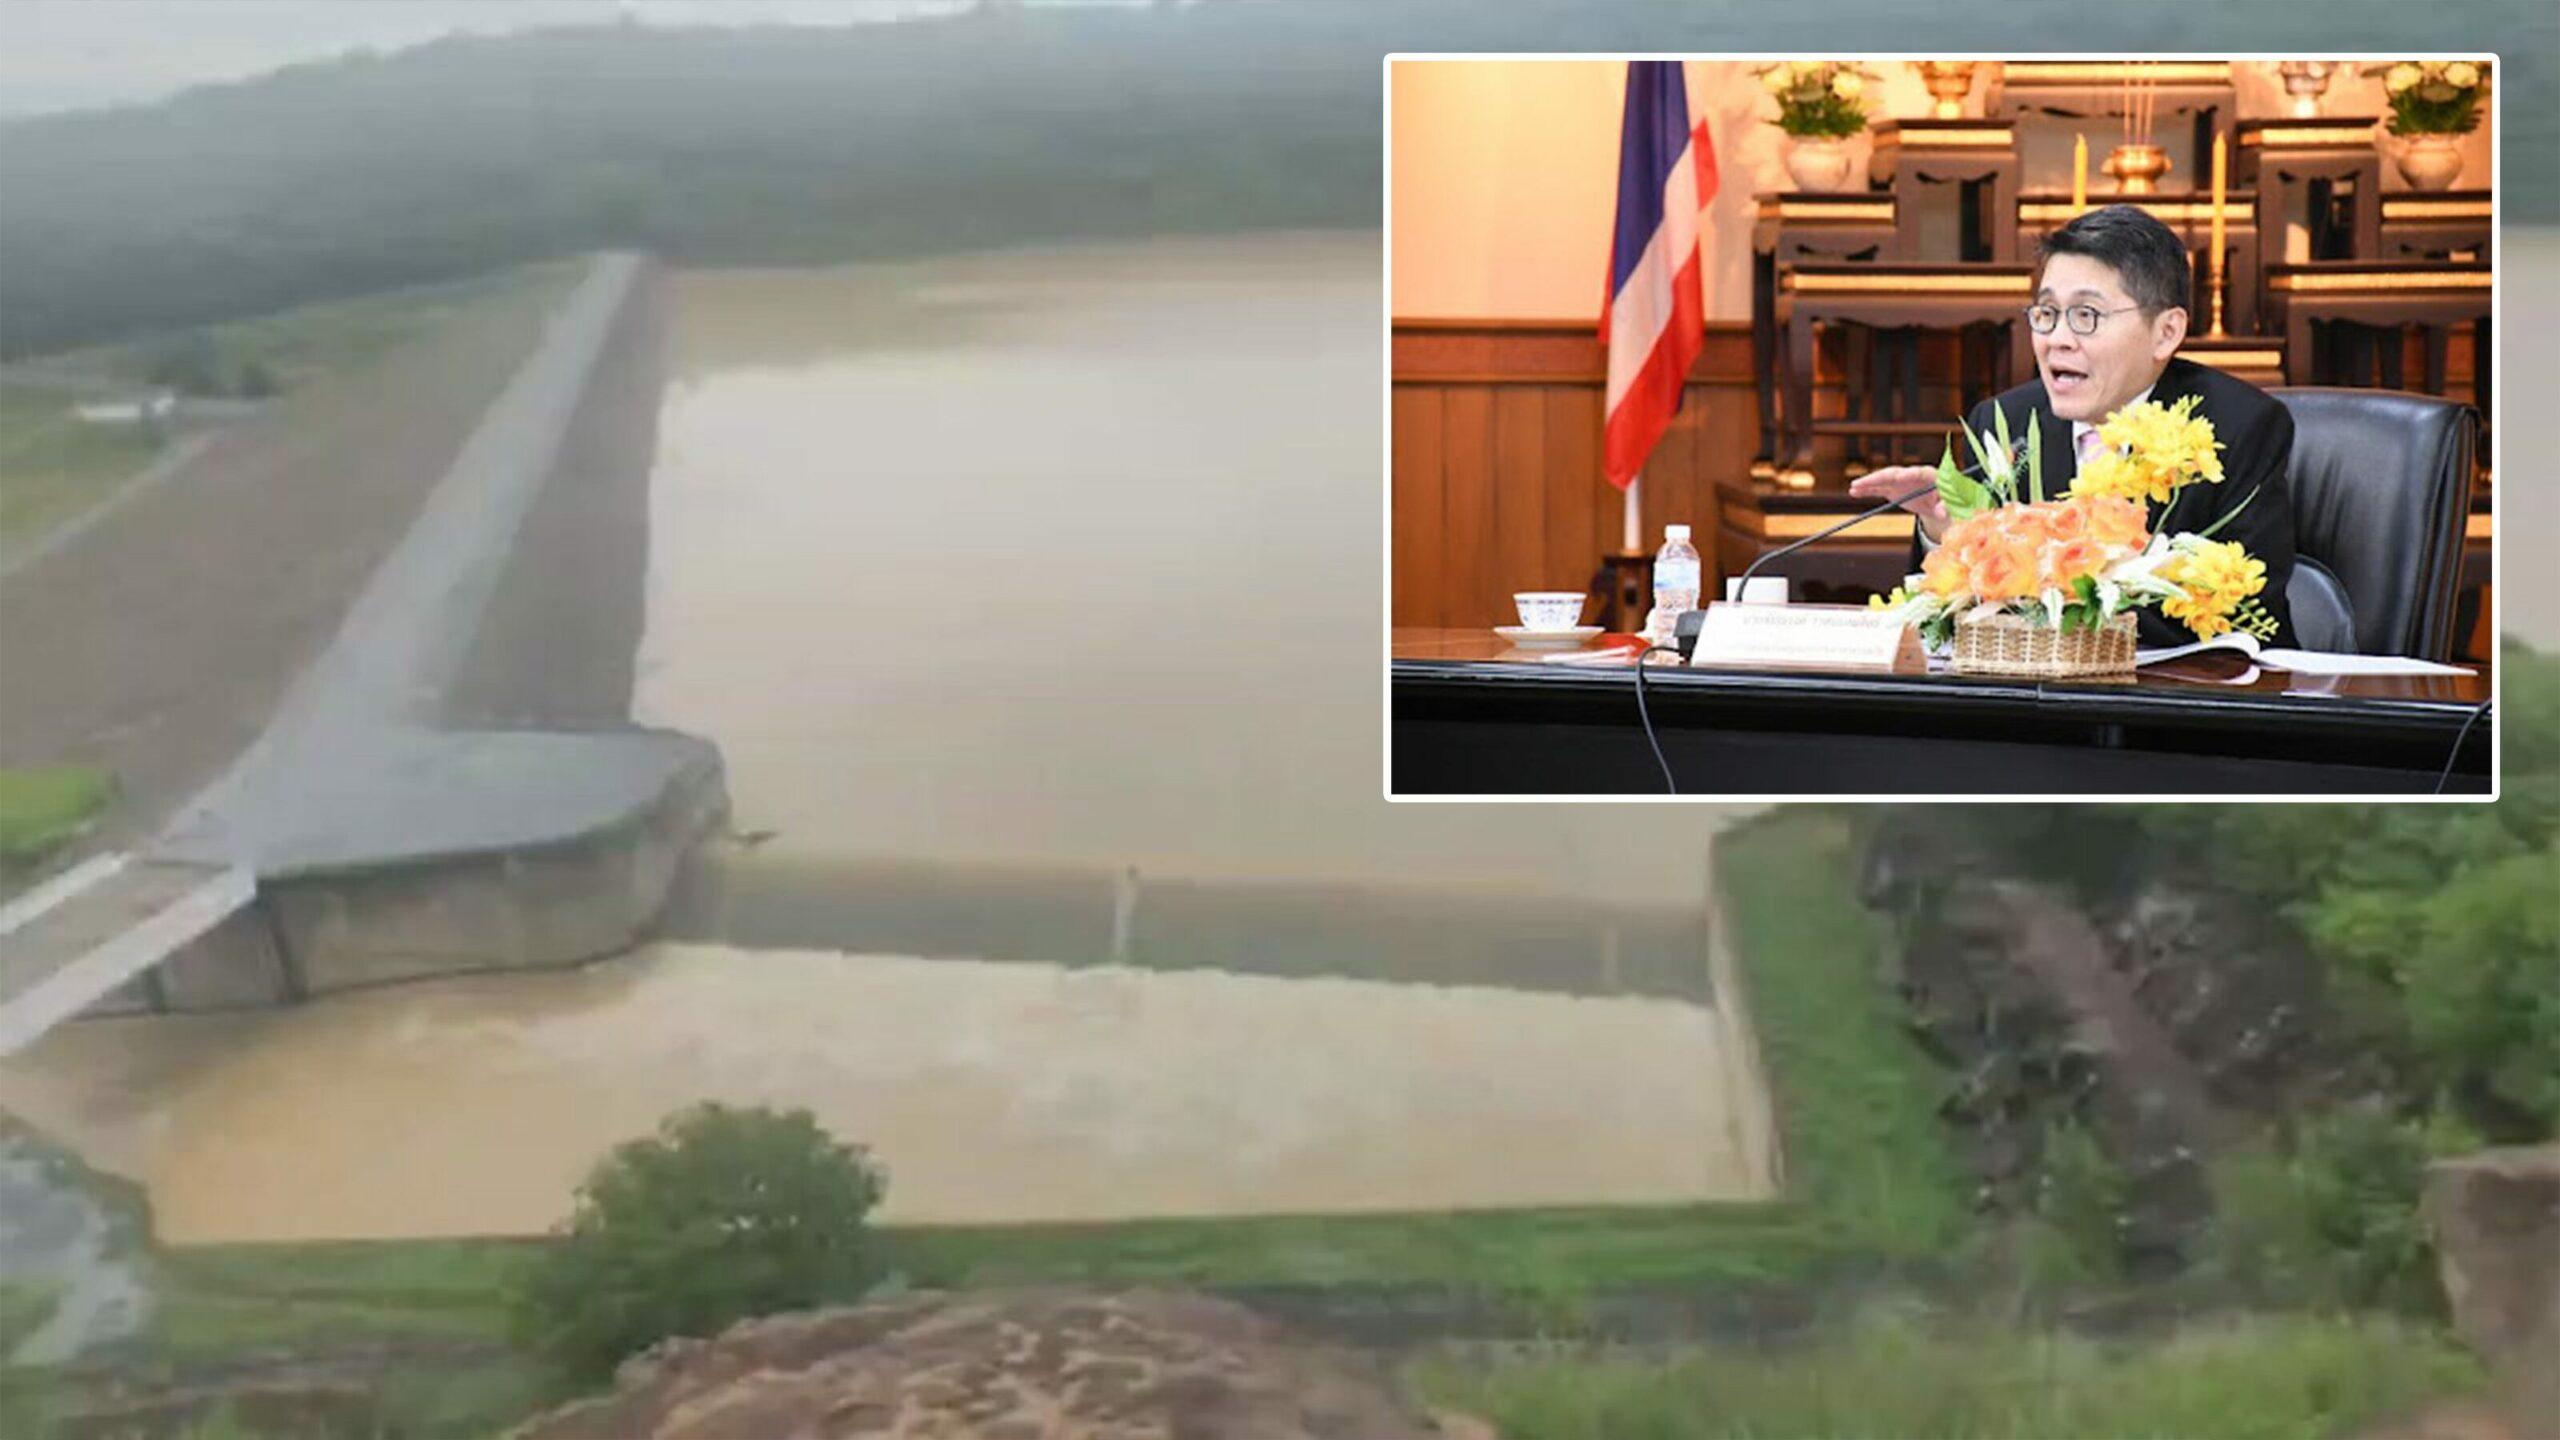 ปภ.เผยโคราชแจ้งอ่างเก็บน้ำลำเชียงไกรระบายน้ำเพิ่ม สนธิกำลังเร่งควบคุมสถานการณ์